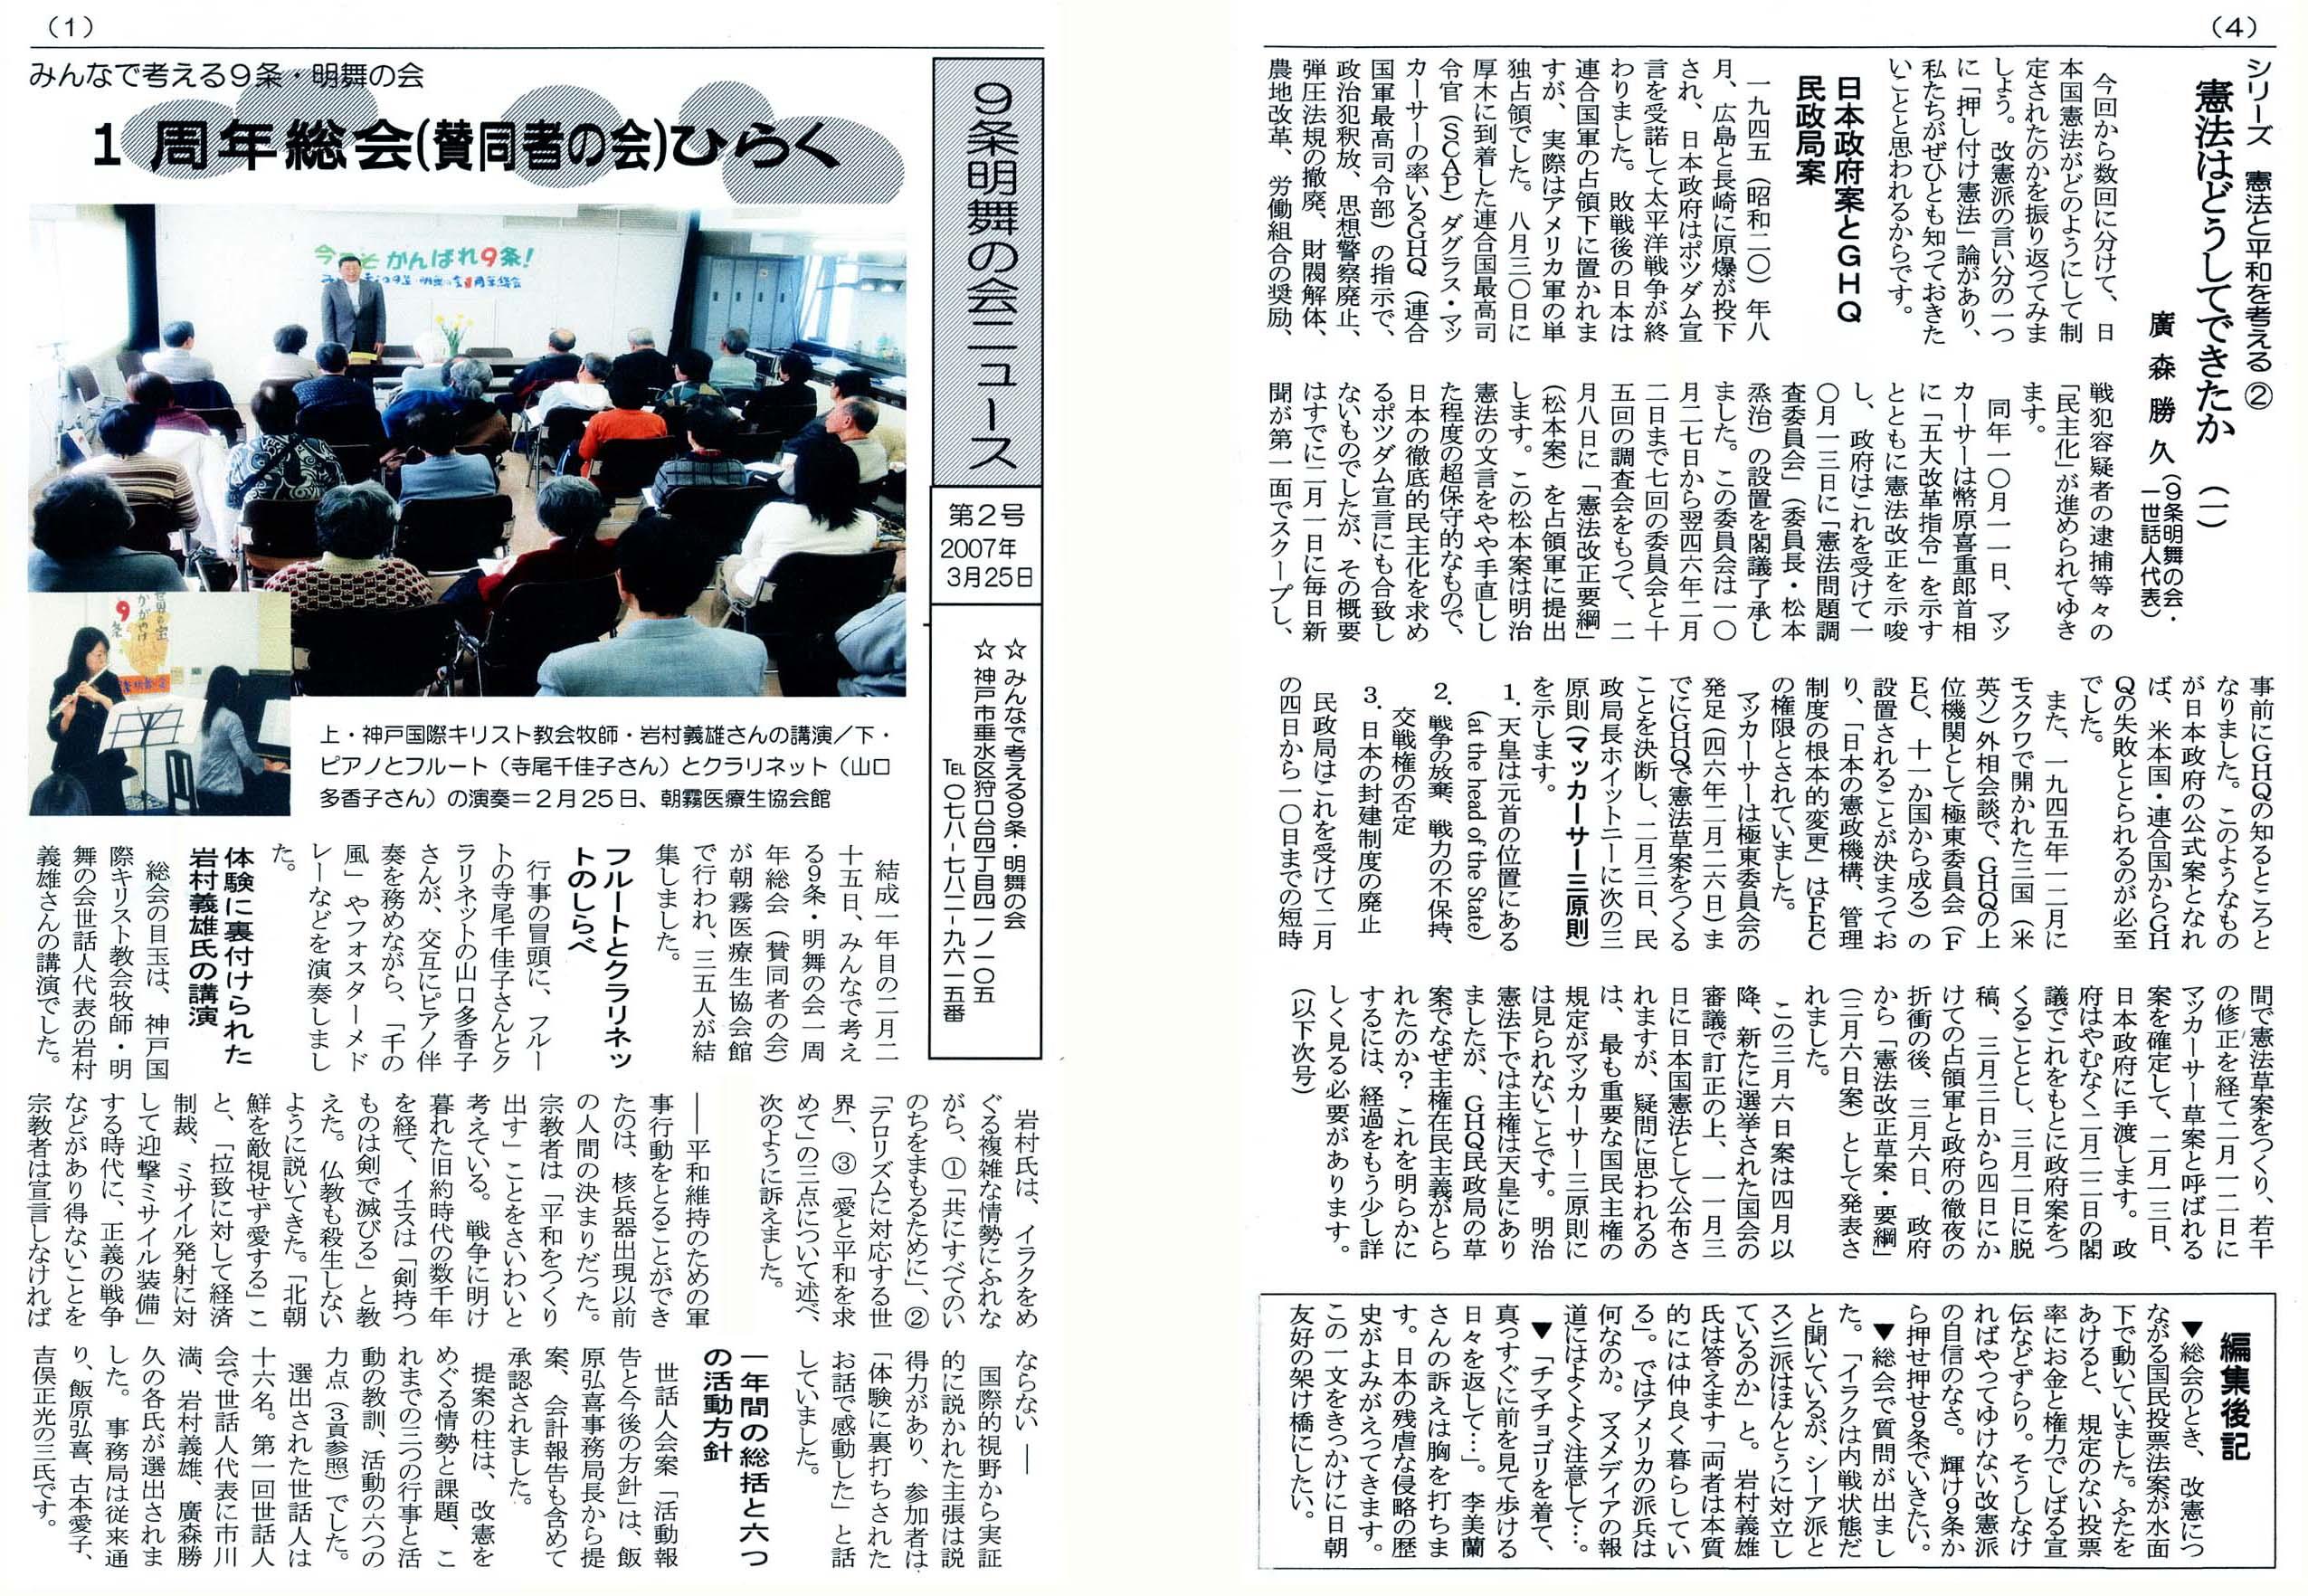 「みんなで考える9条・明舞の会ニューズ」(No.2 2007年3月)